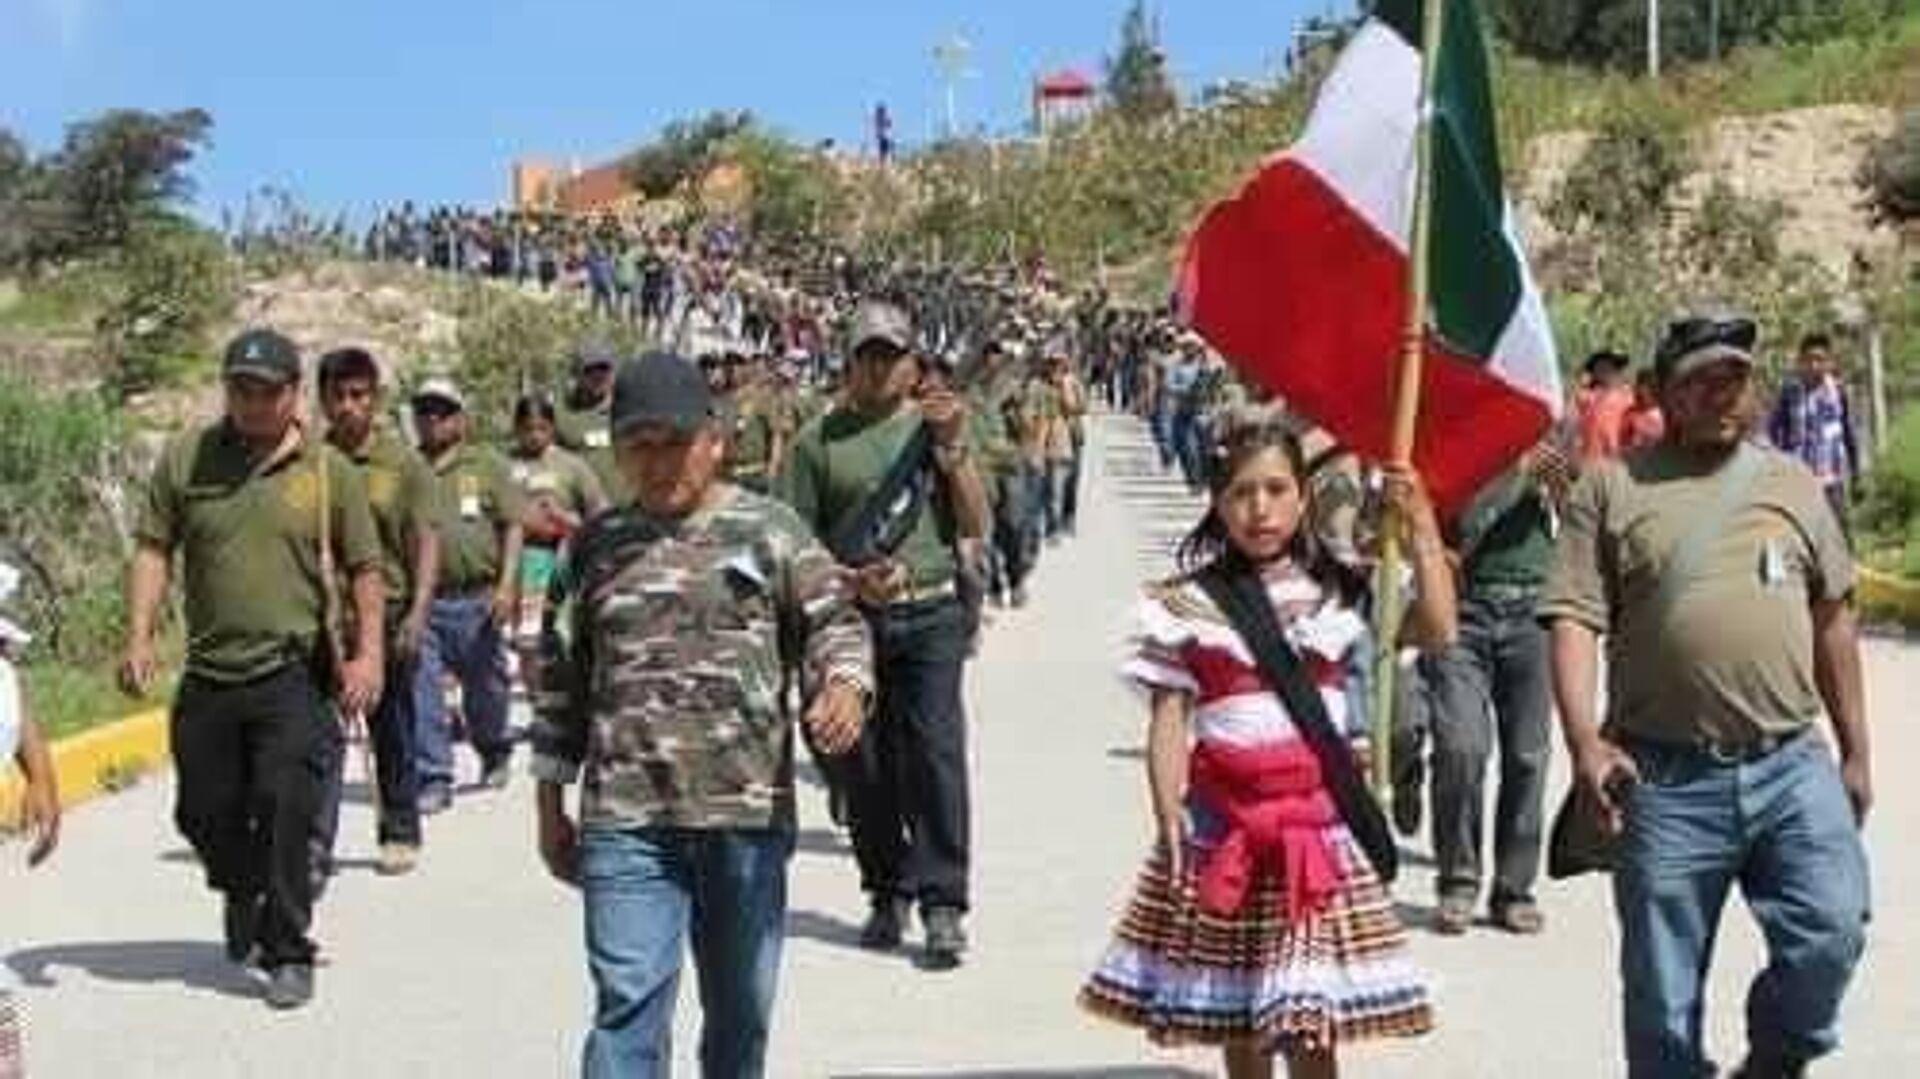 Las filas de la Coordinadora Regional de Autoridades Comunitarias-Policía Comunitaria del estado mexicano de Guerrero - Sputnik Mundo, 1920, 19.04.2021